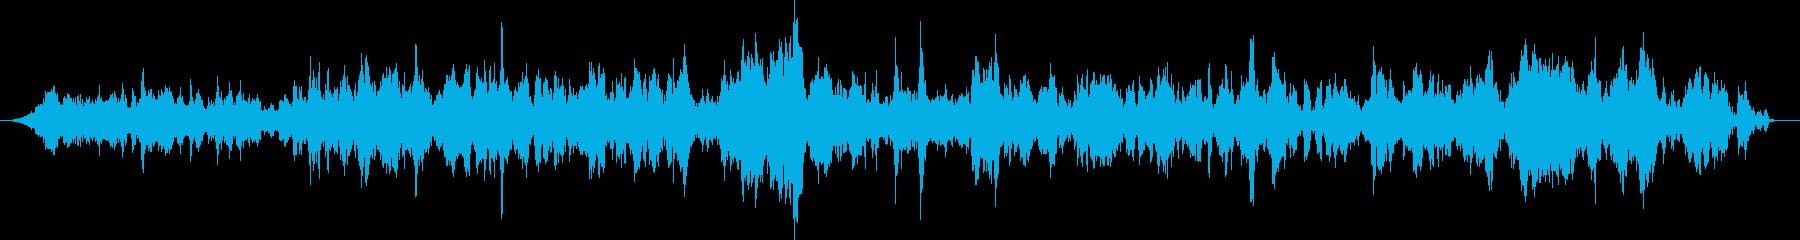 群集 トークアップセット03の再生済みの波形